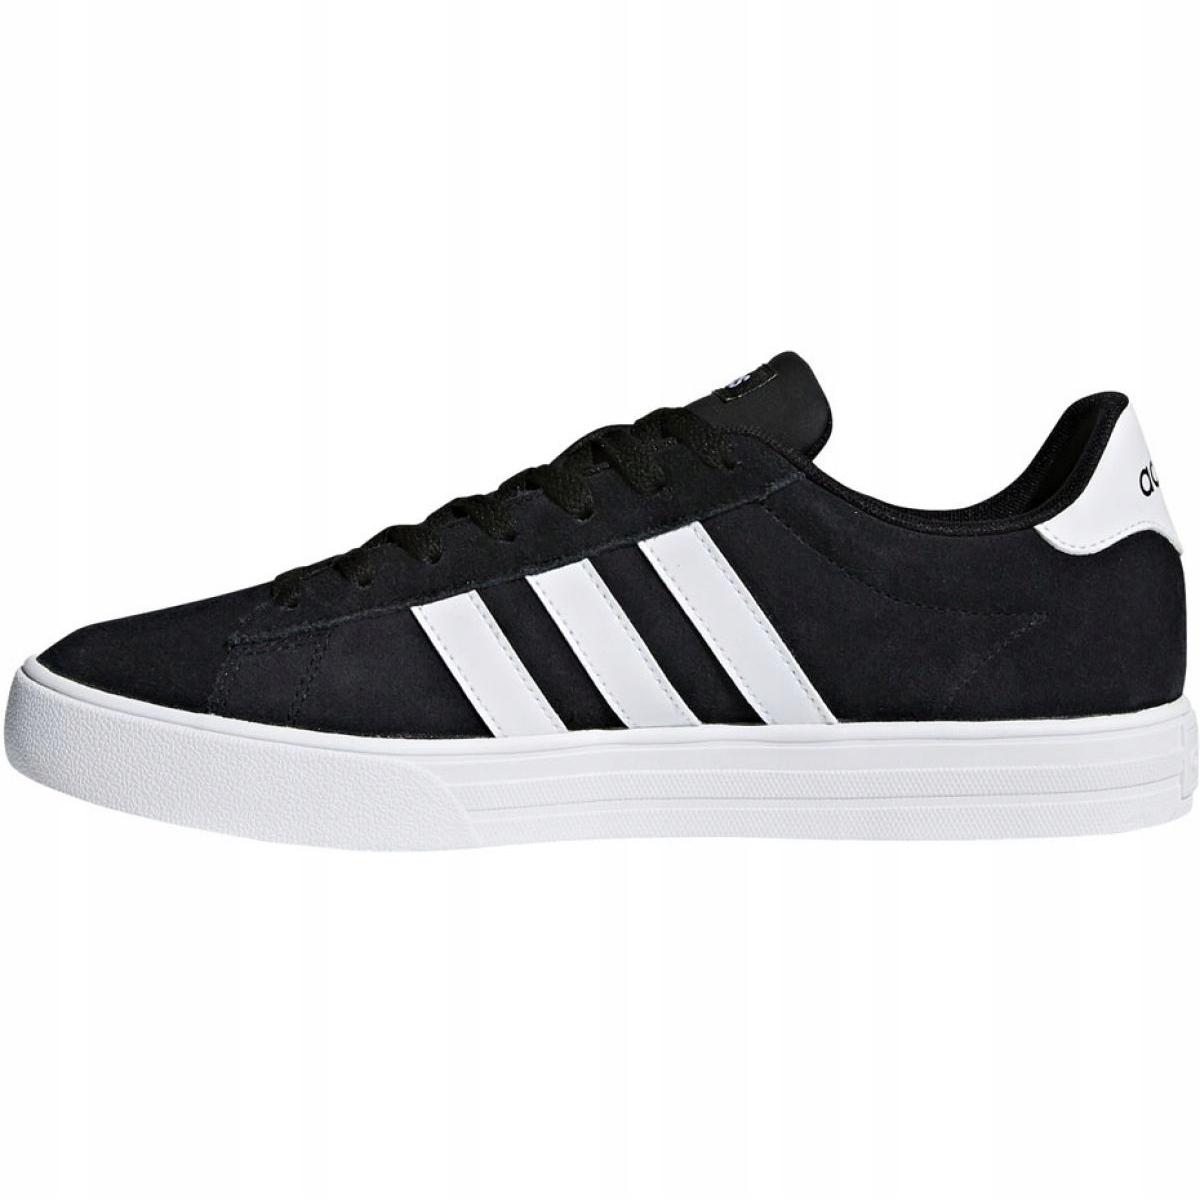 Chaussures Noir 0 M Daily 2 Db0273 Adidas HW9IeYDE2